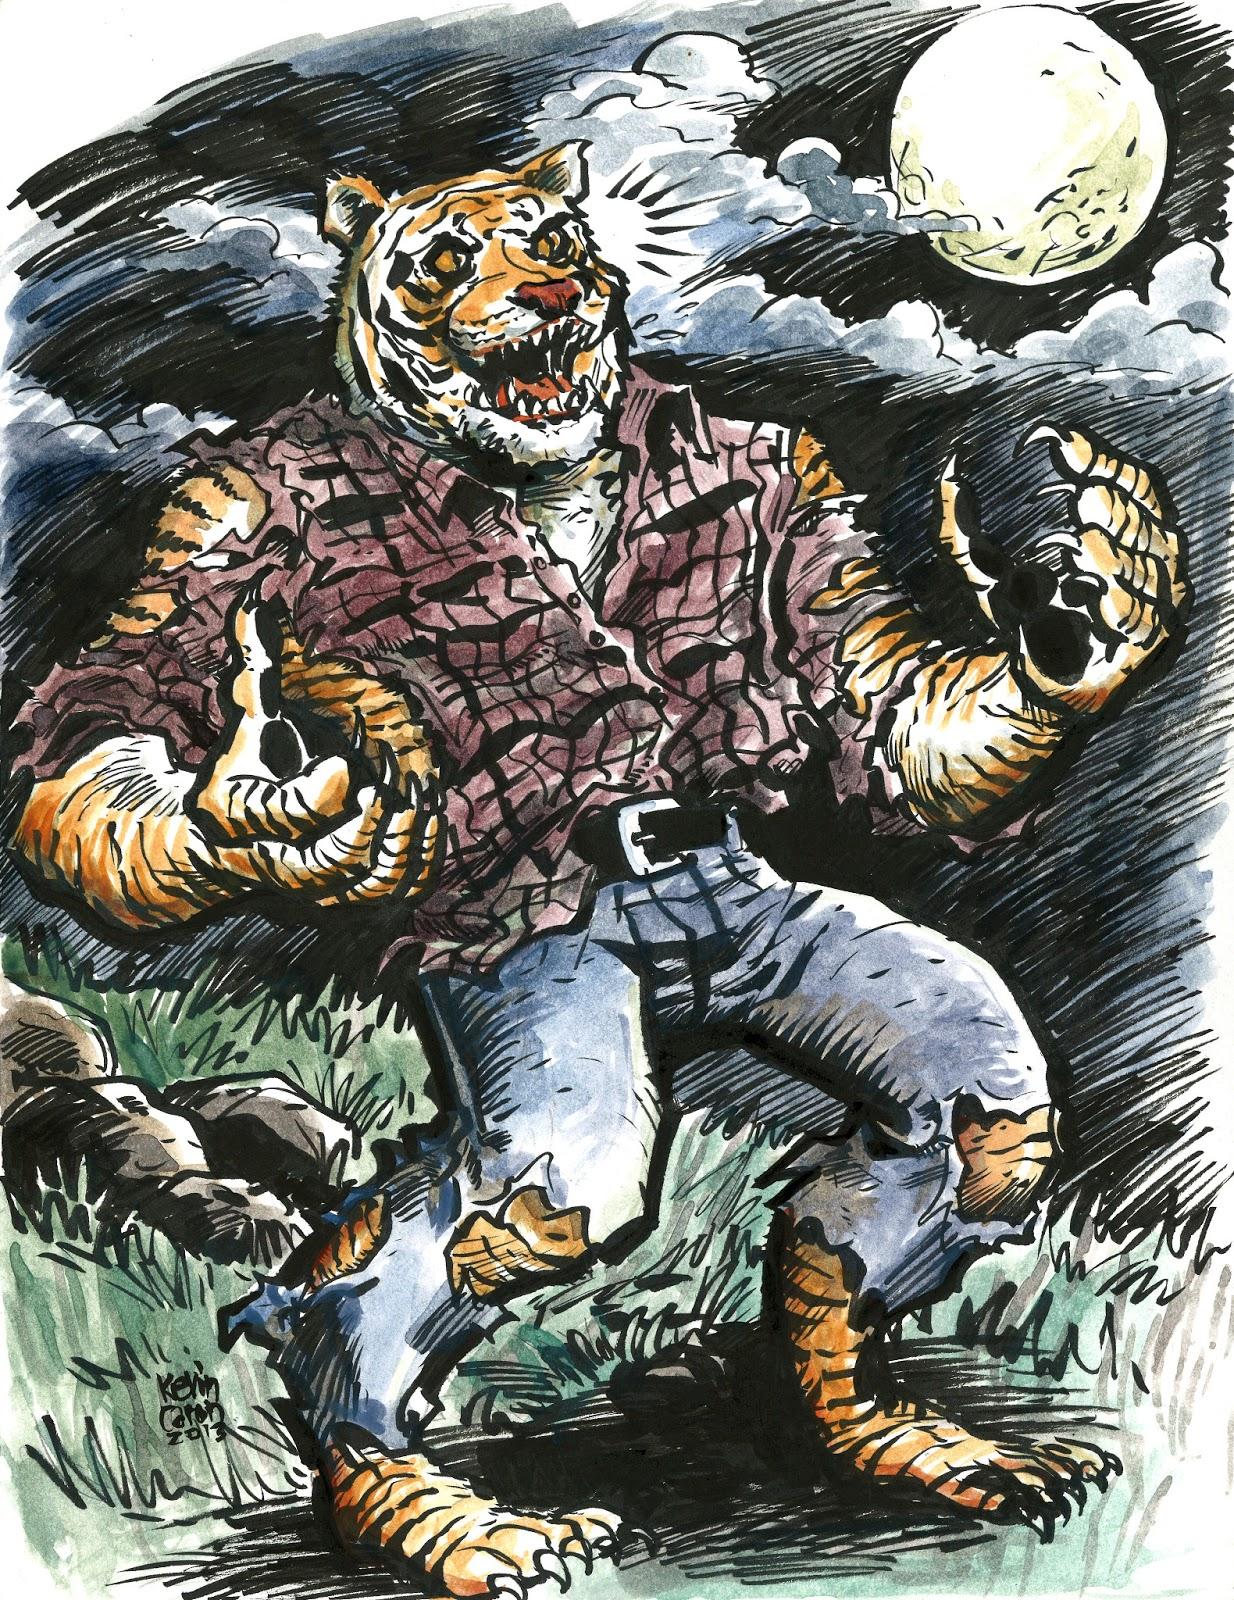 Werewolf vs weretiger - photo#16